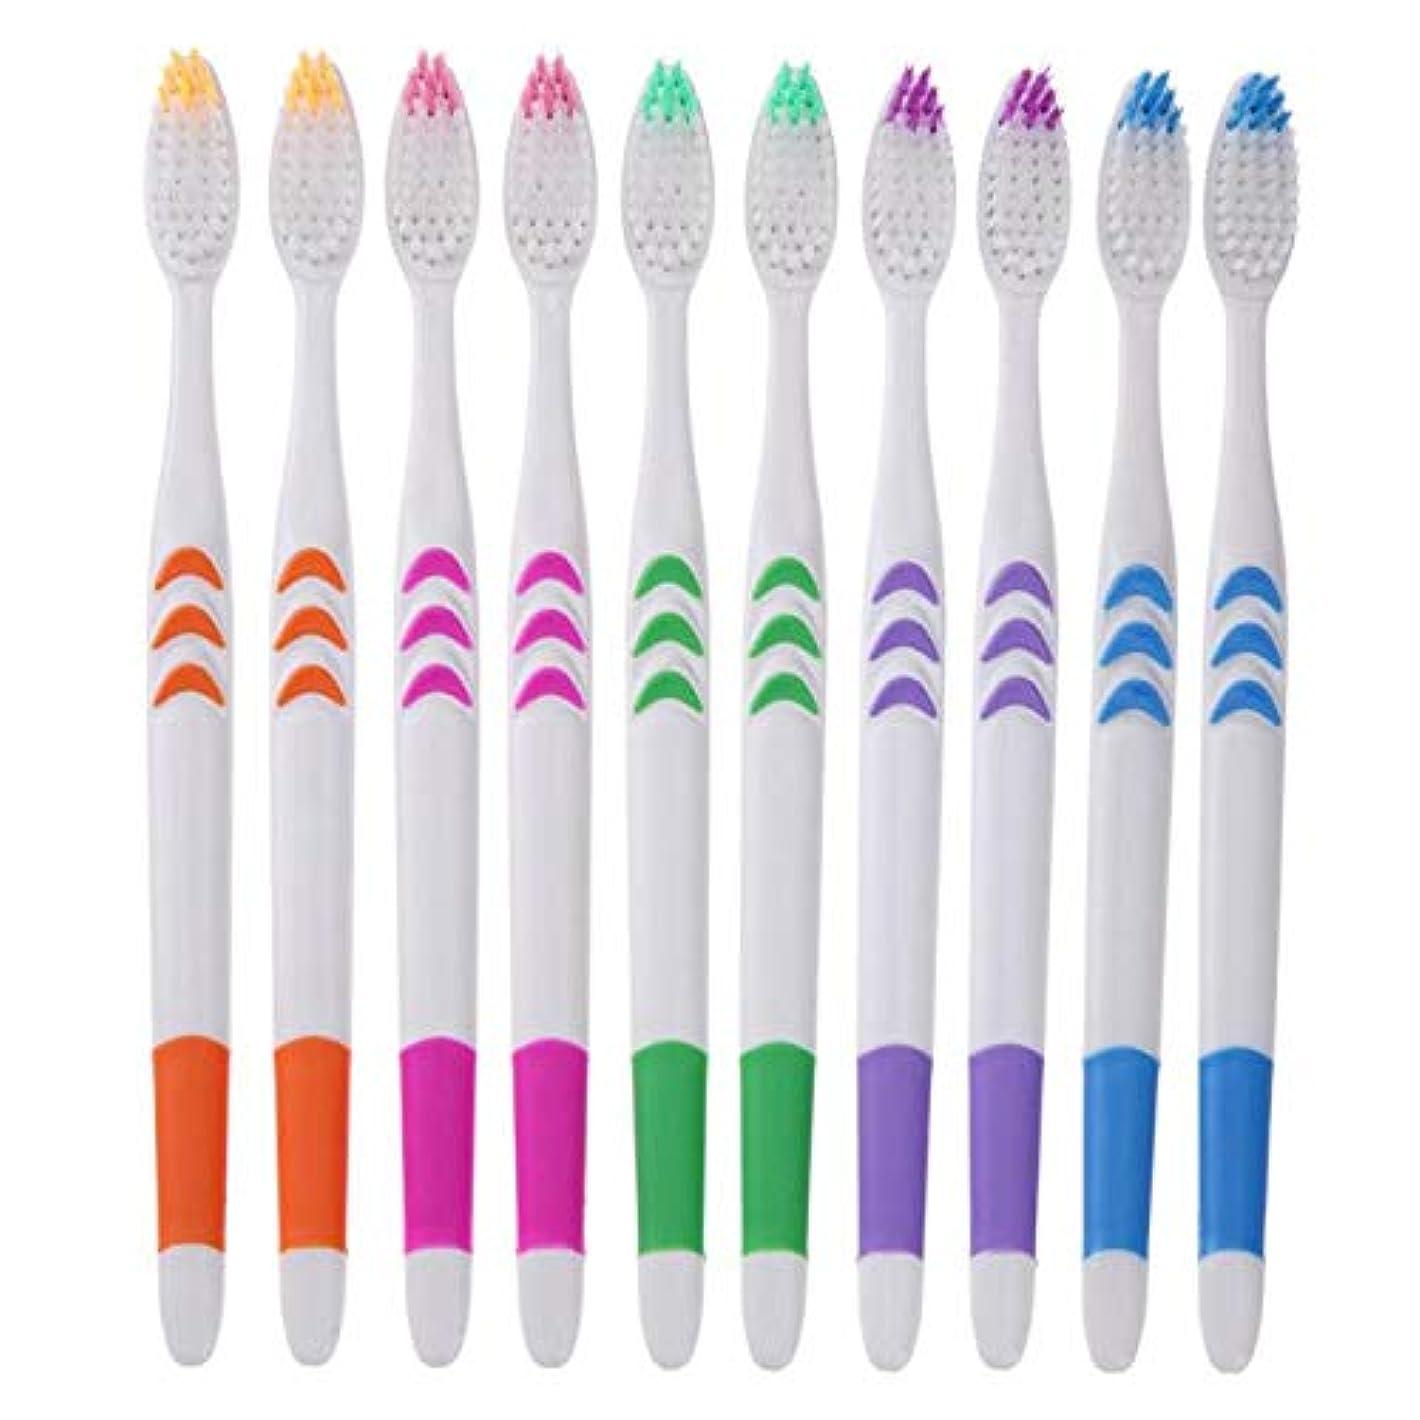 それに応じて露骨な自由Maxcrestas - ダブルウルトラソフト歯ブラシ竹炭ナノ歯ブラシ歯科パーソナルケア歯ブラシ